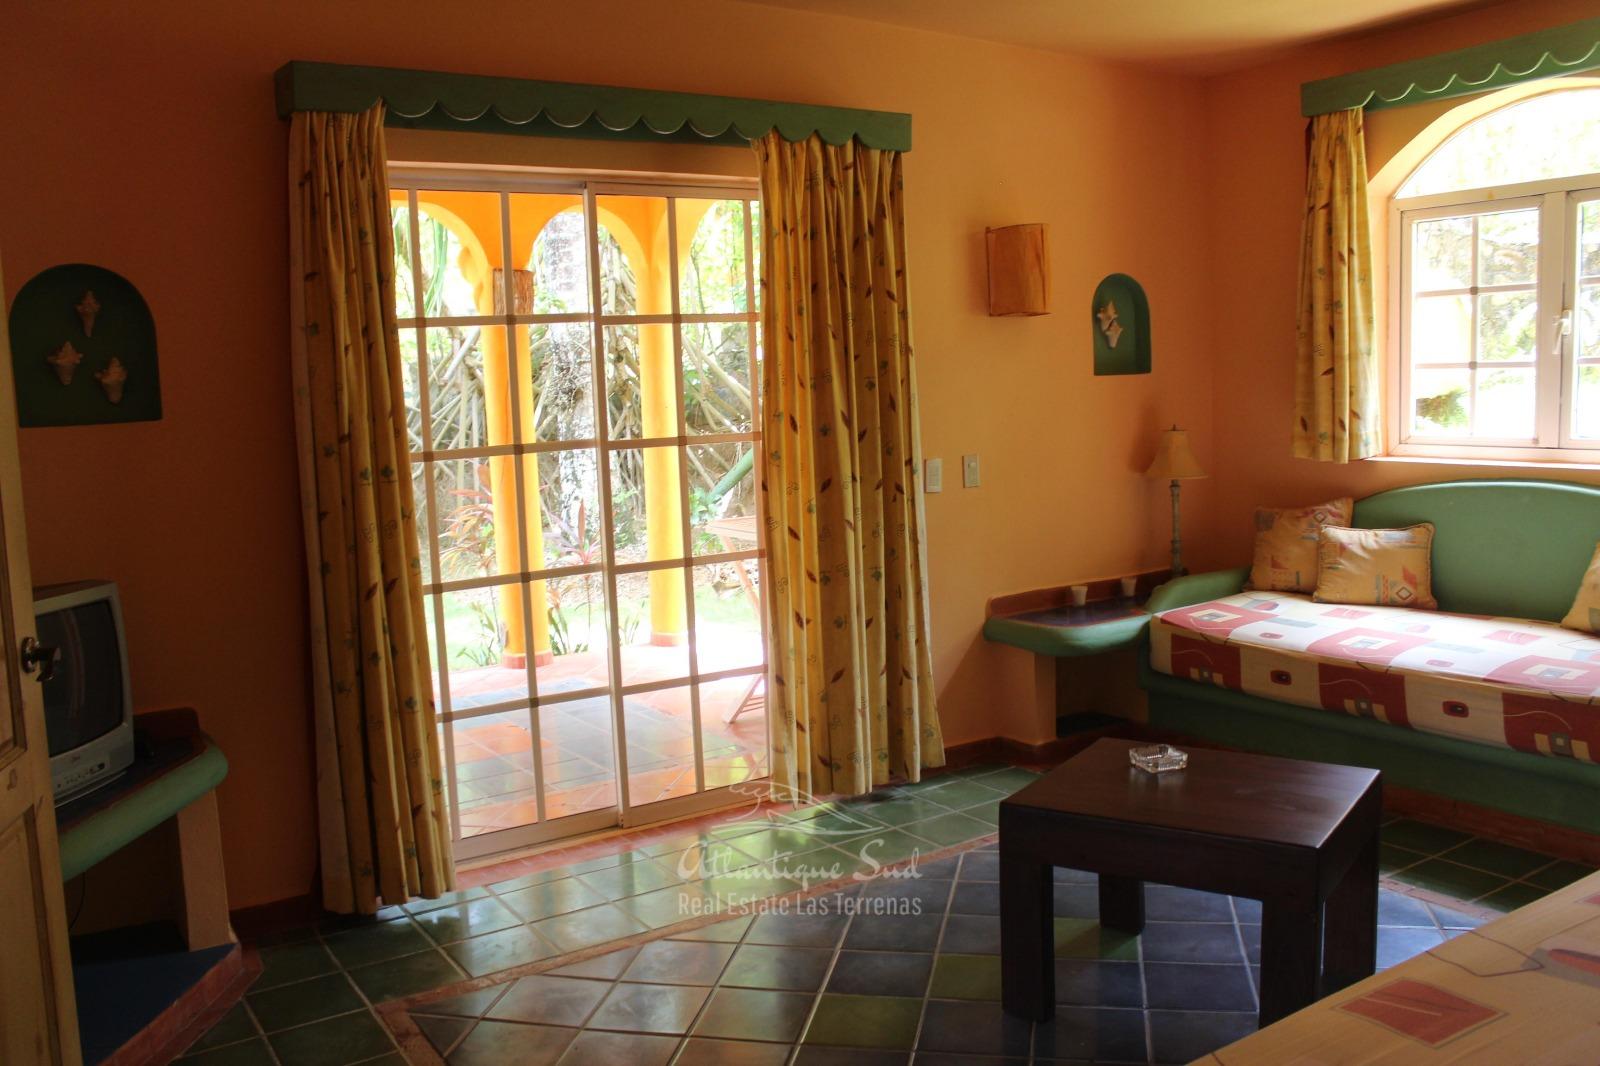 Mediterranean Condominiums for sale Real Estate Las Terrenas (21).jpeg